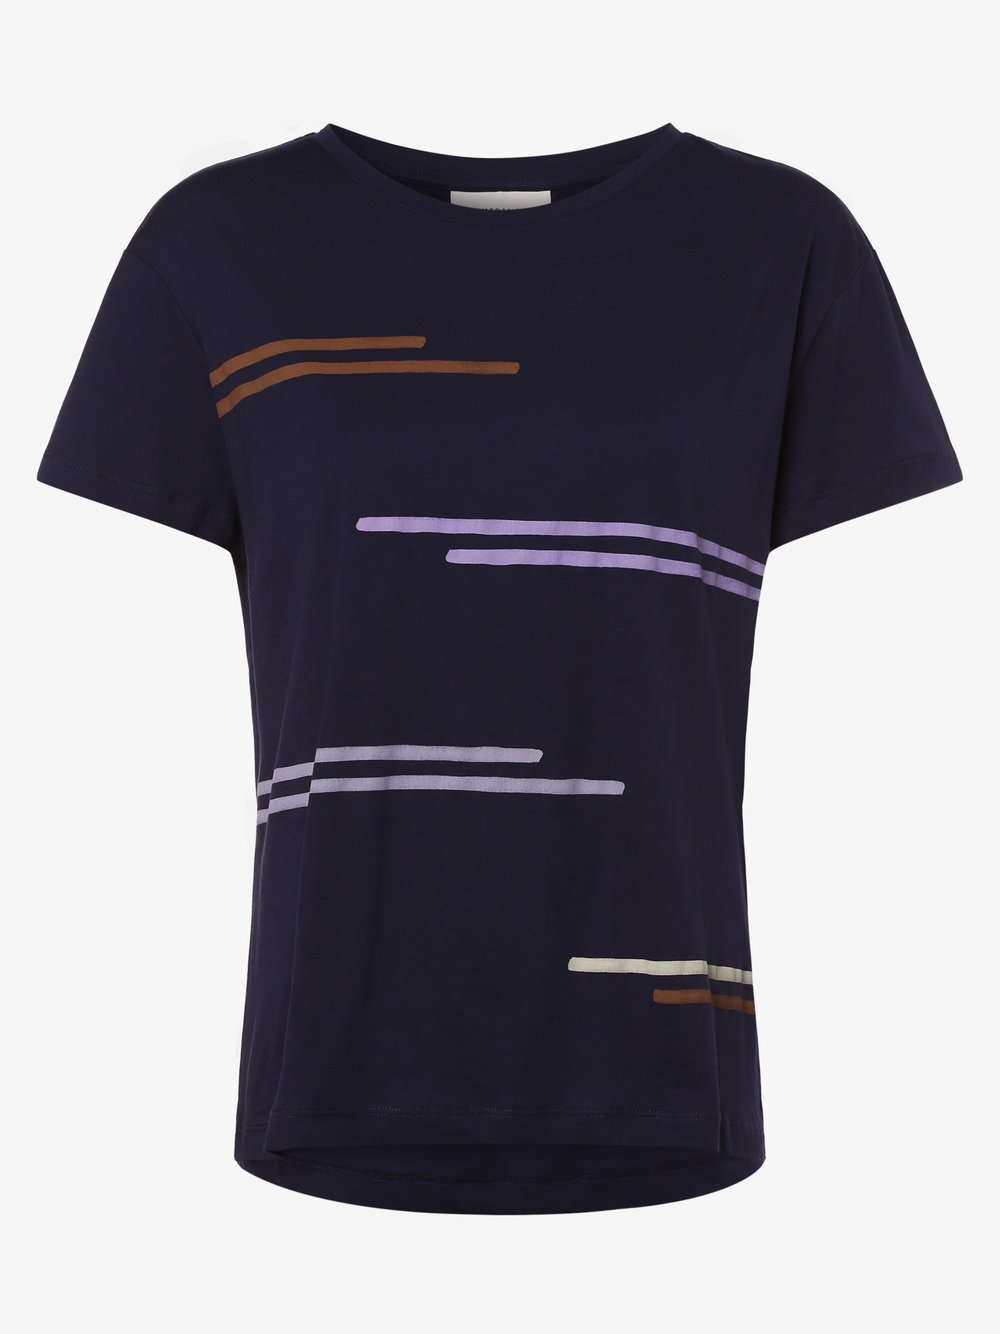 ARMEDANGELS - T-shirt damski, niebieski